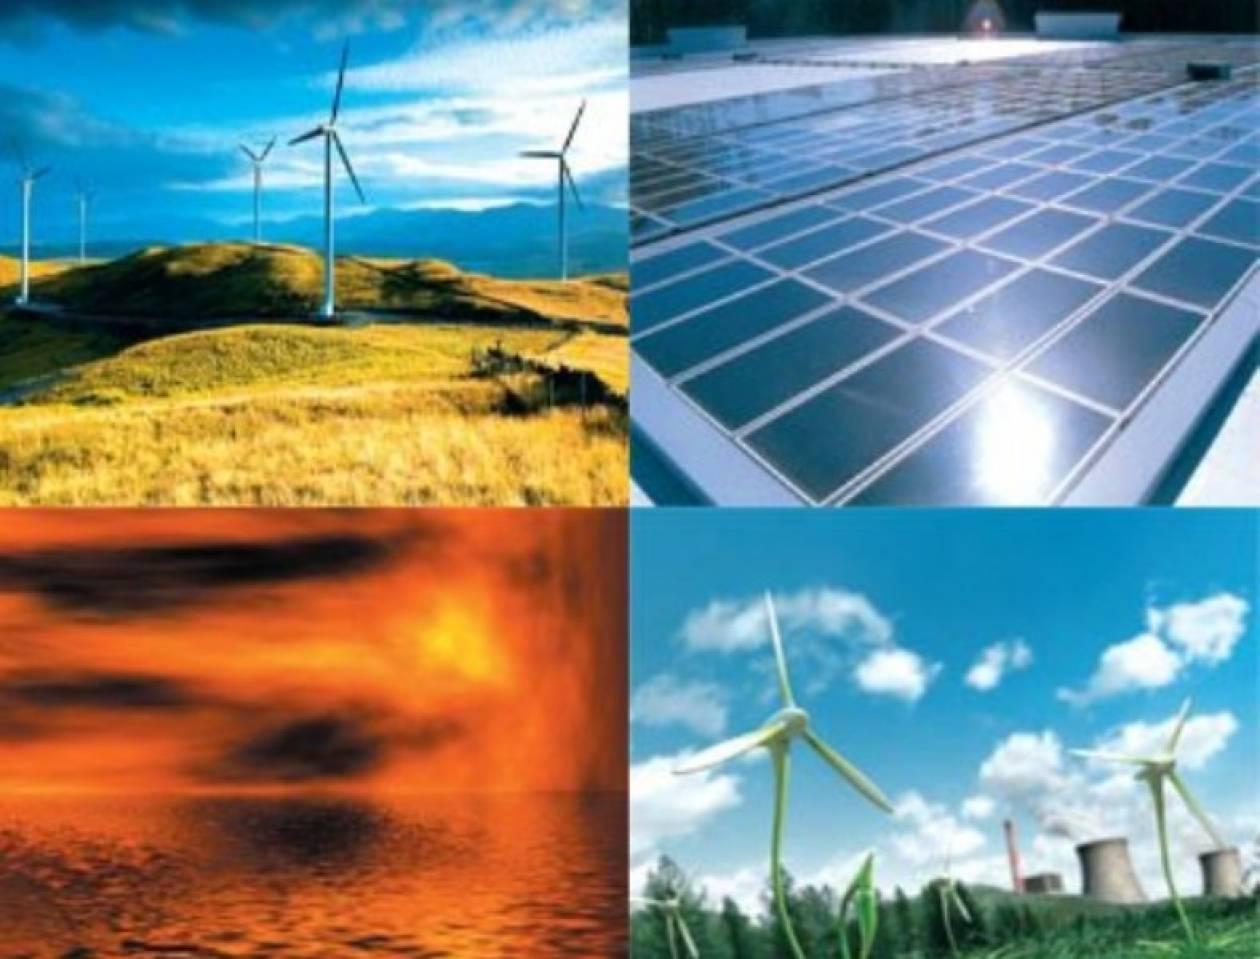 Μεγάλη αύξηση στο πράσινο τέλος της ΔΕΗ